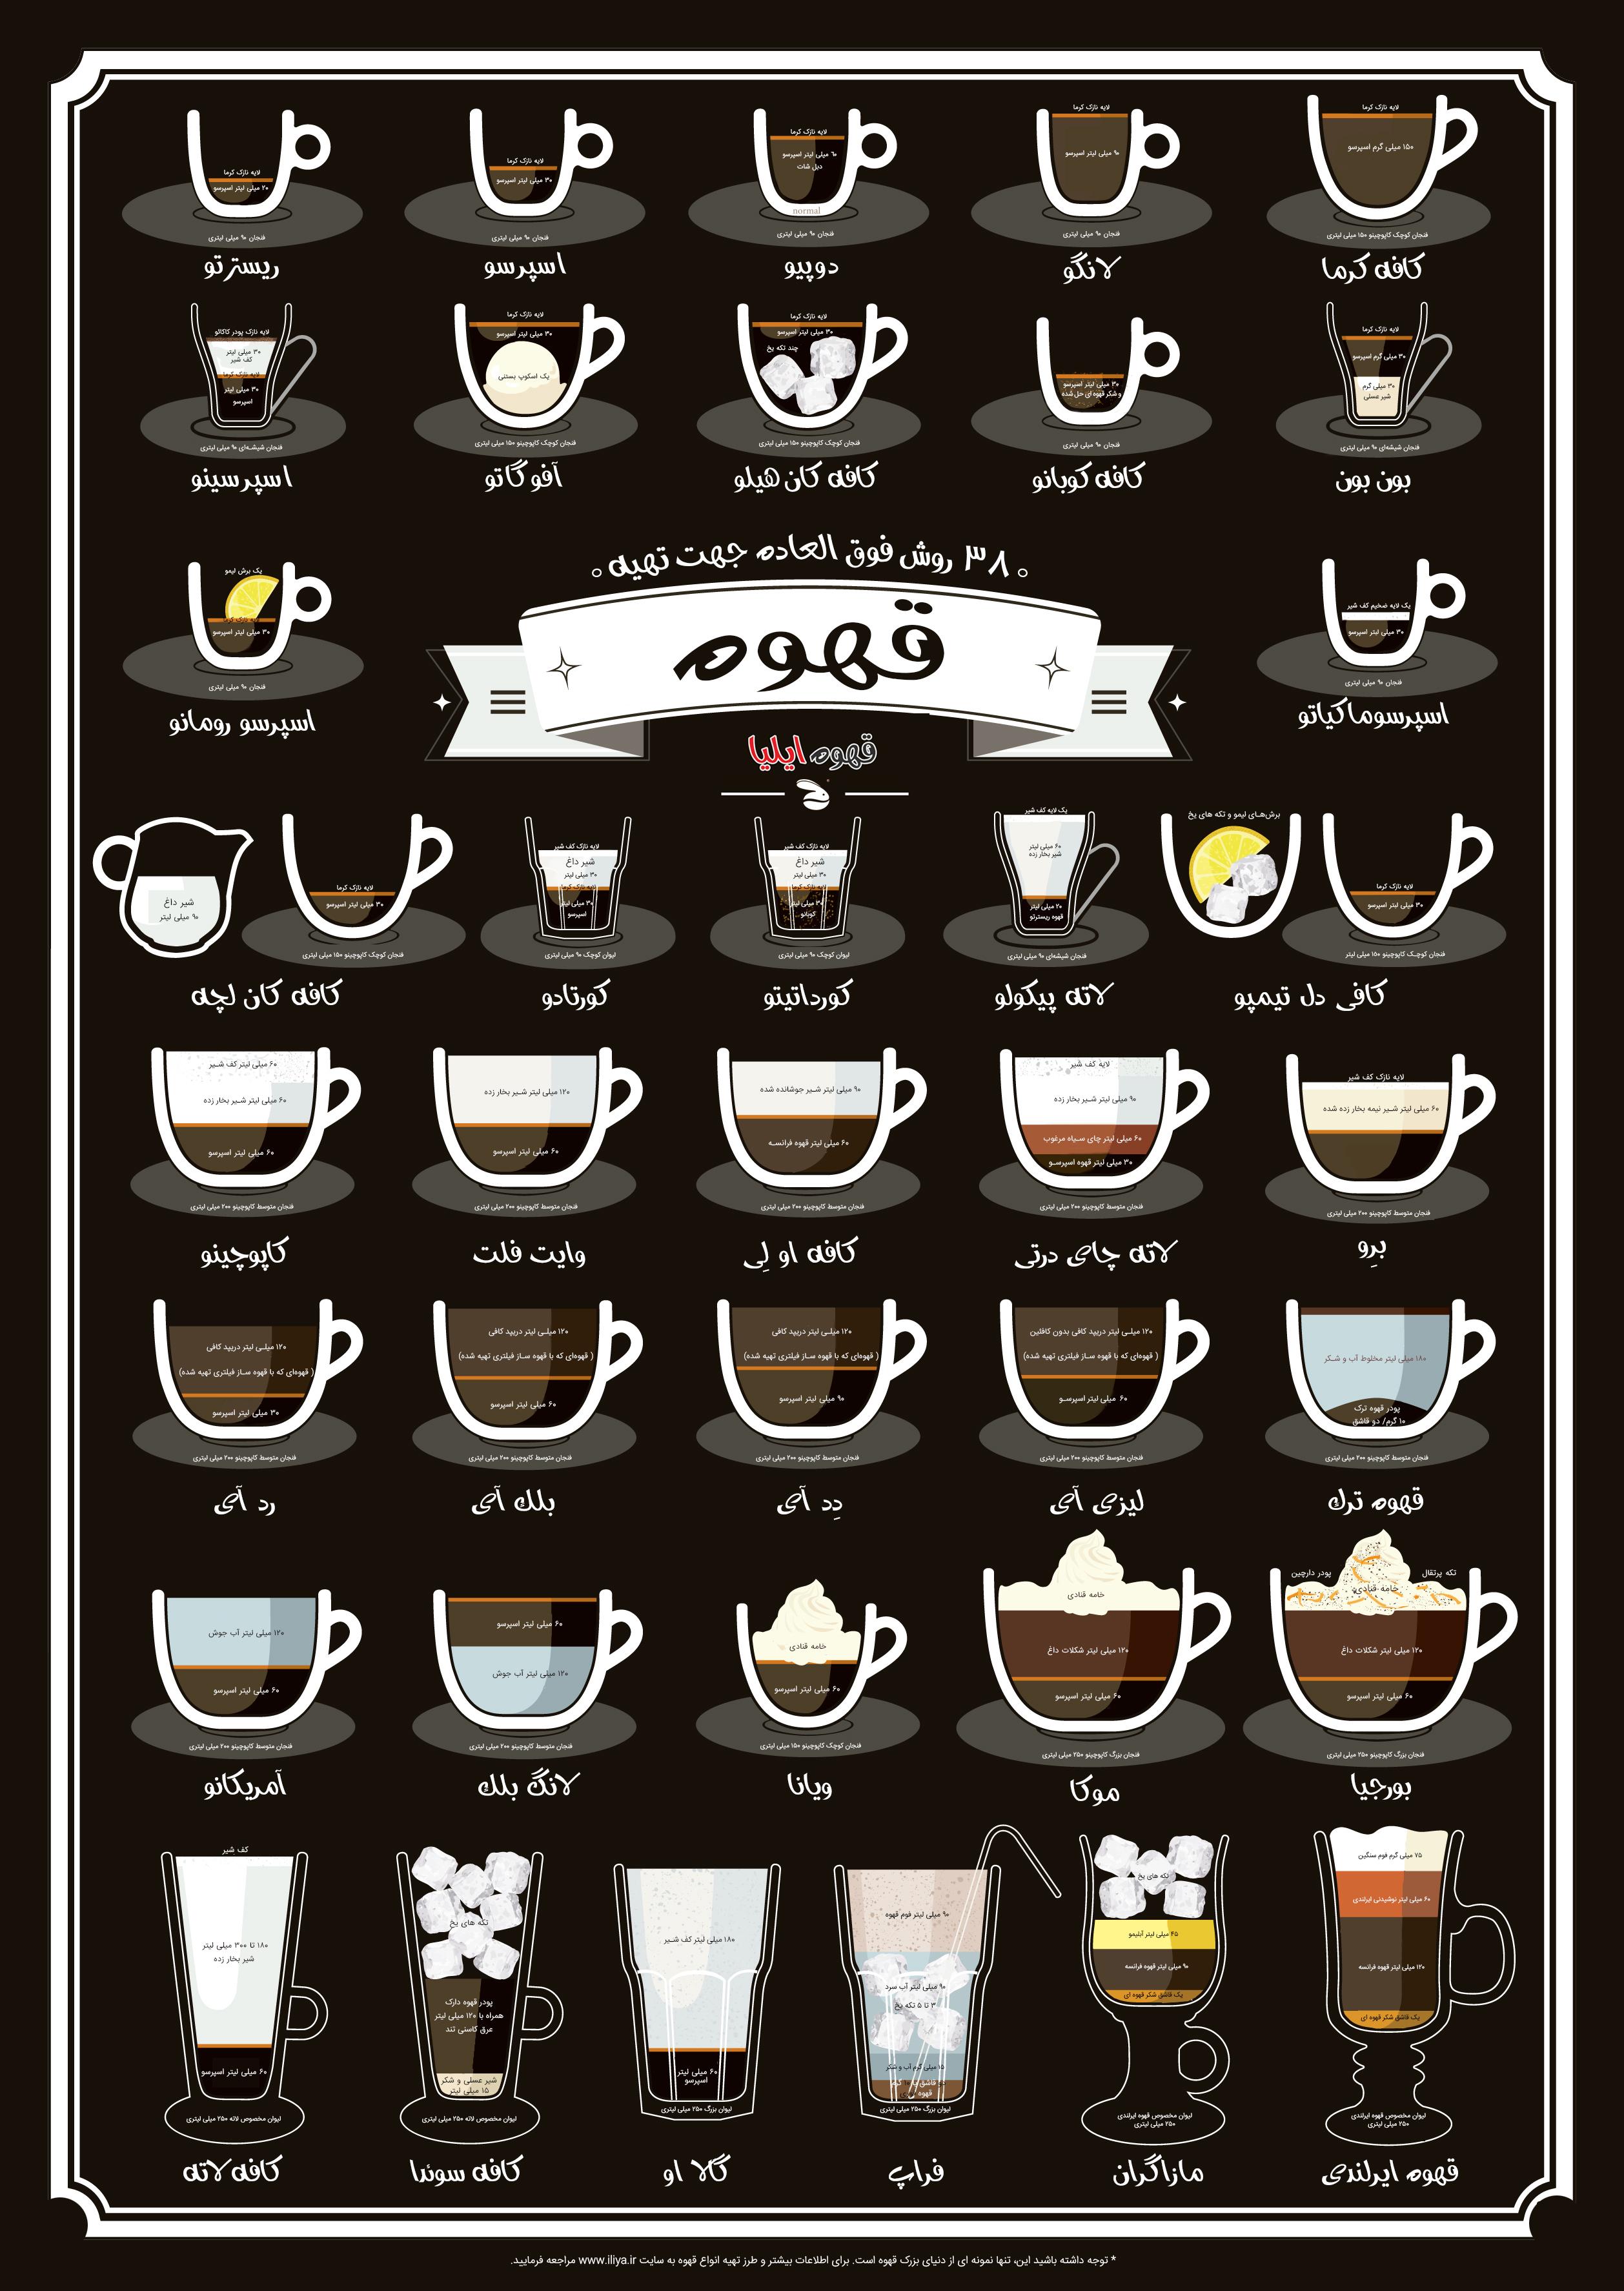 اینفوگرافیک : 38 روش برای تهیه انواع نوشدنی قهوه